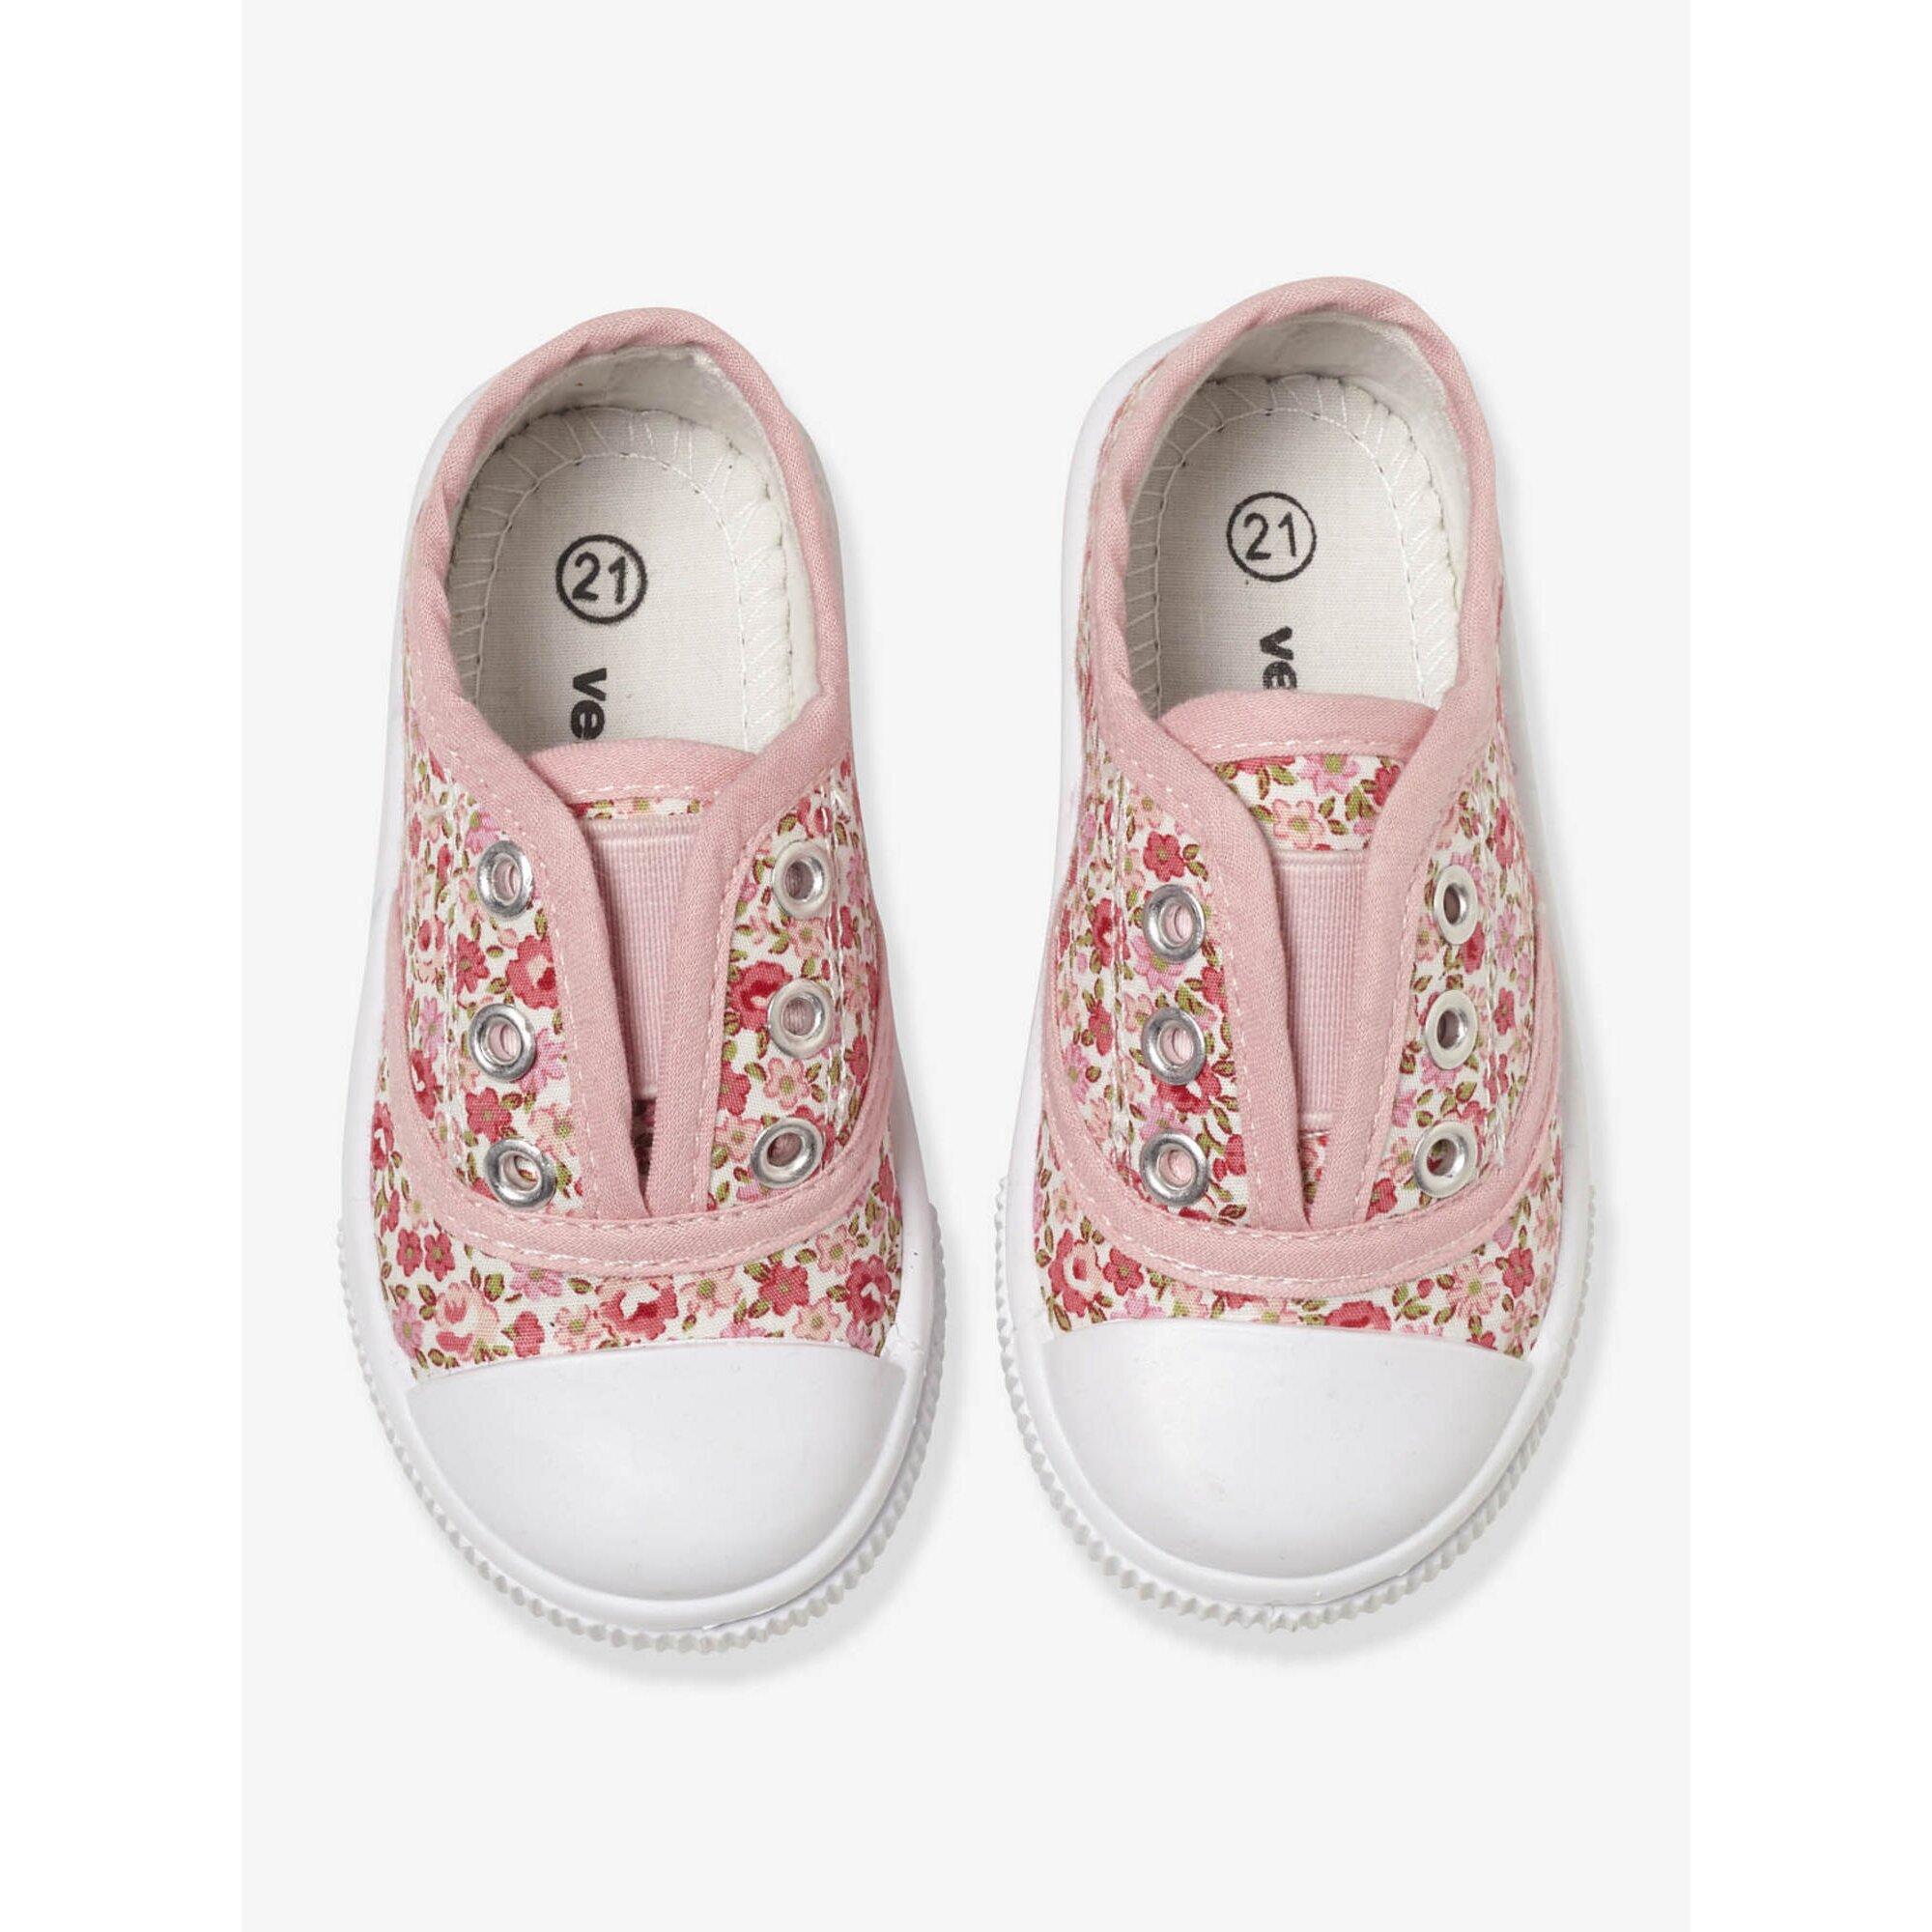 Vertbaudet Stoff-Sneakers für Mädchen